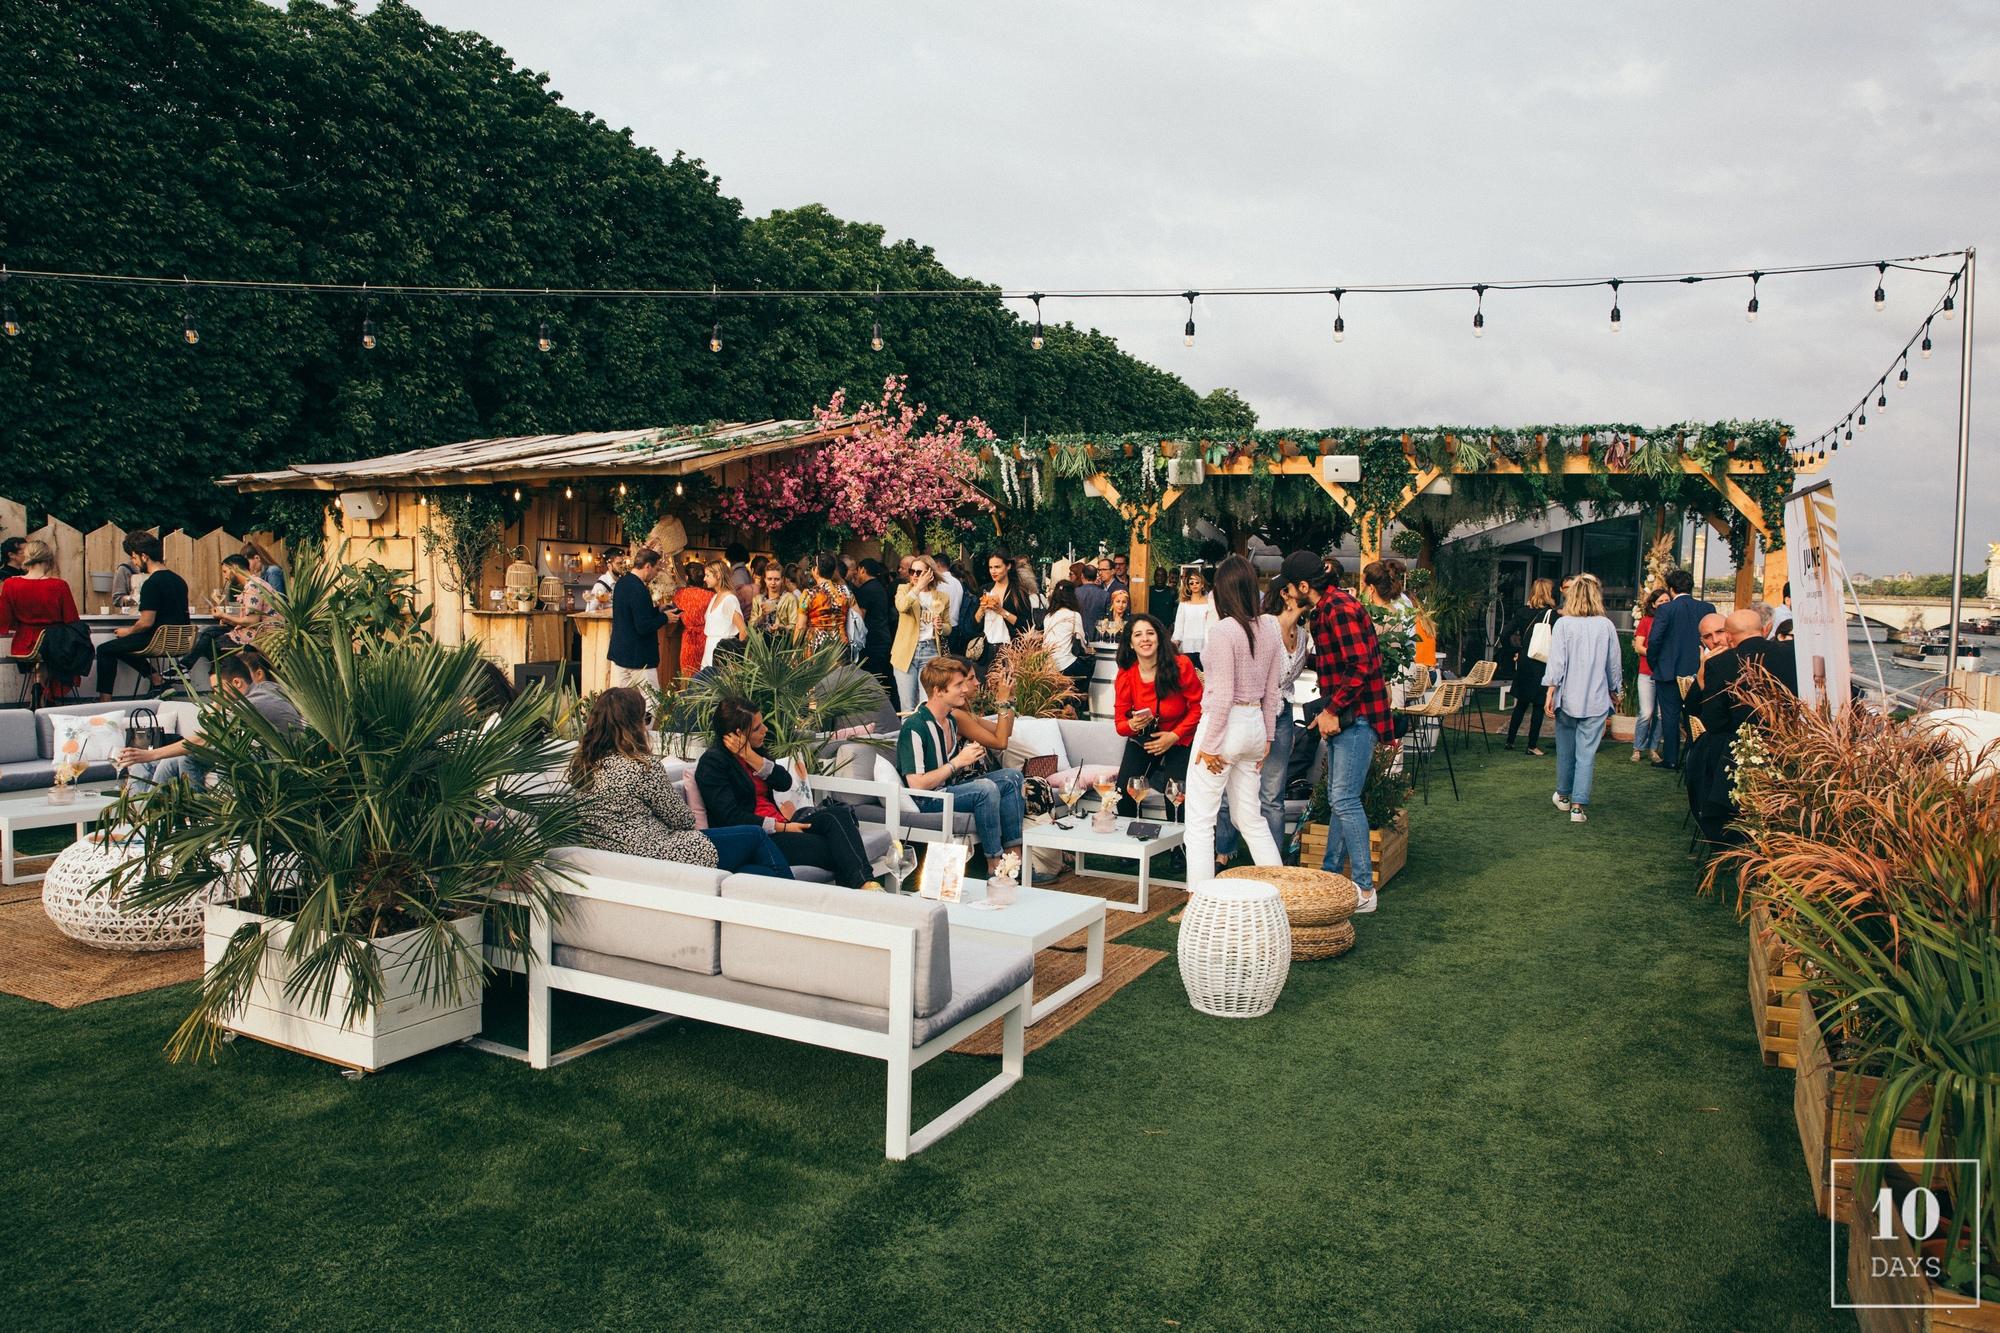 La terrasse du bar Mademoiselle Mouche, avec des personnes qui y boivent un verre.